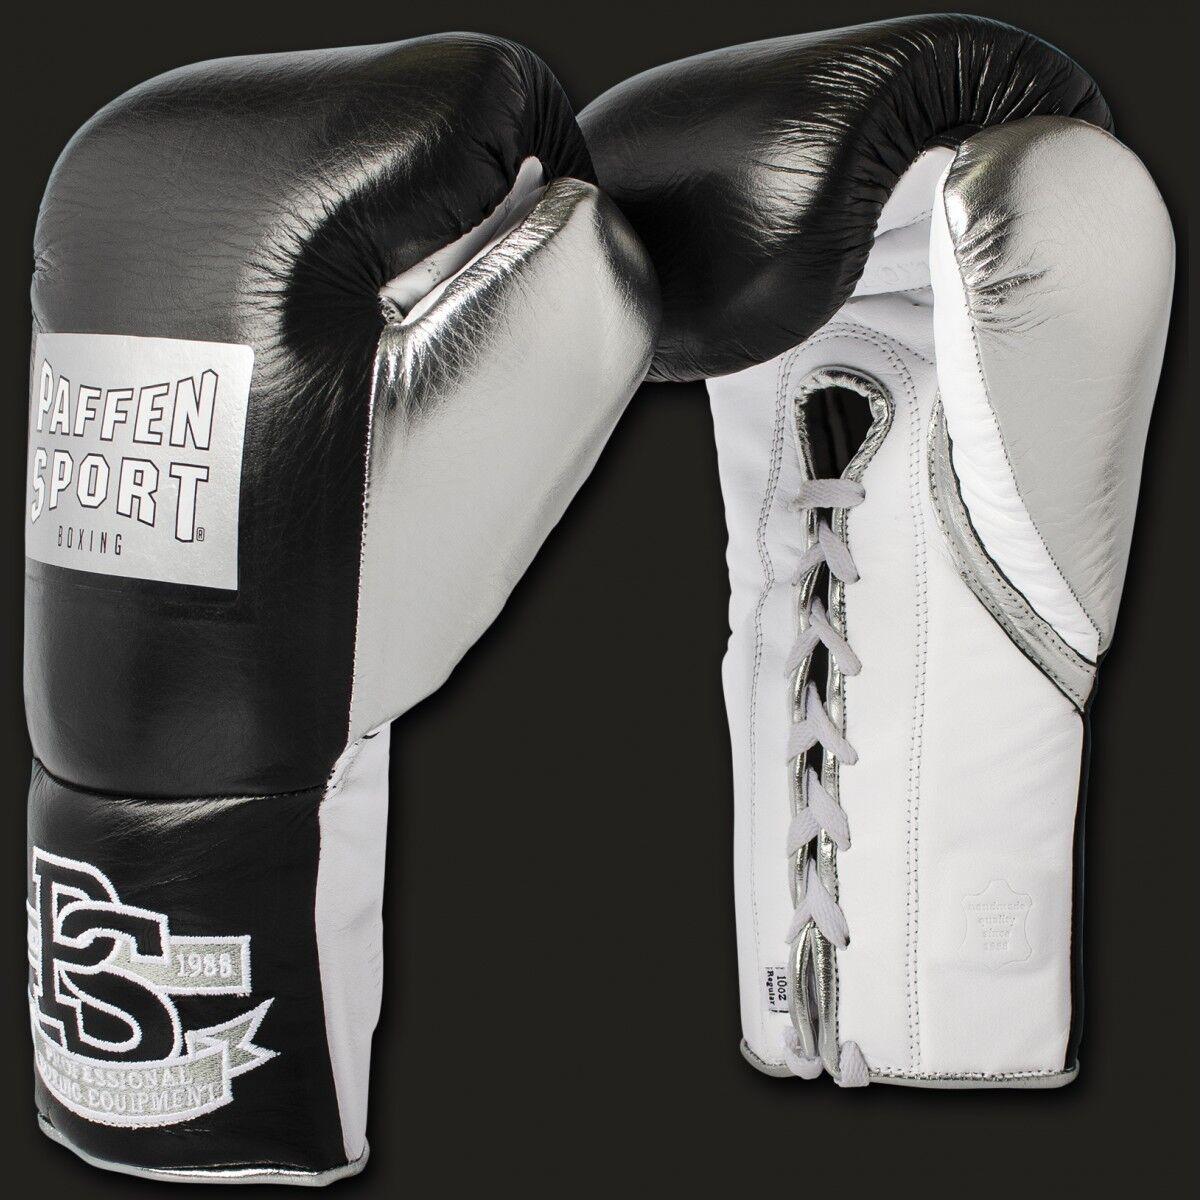 Pro Mexican Boxhandschuhe für den Wettkampf 10OZ XL, Leder, Boxen, Paffen Sport